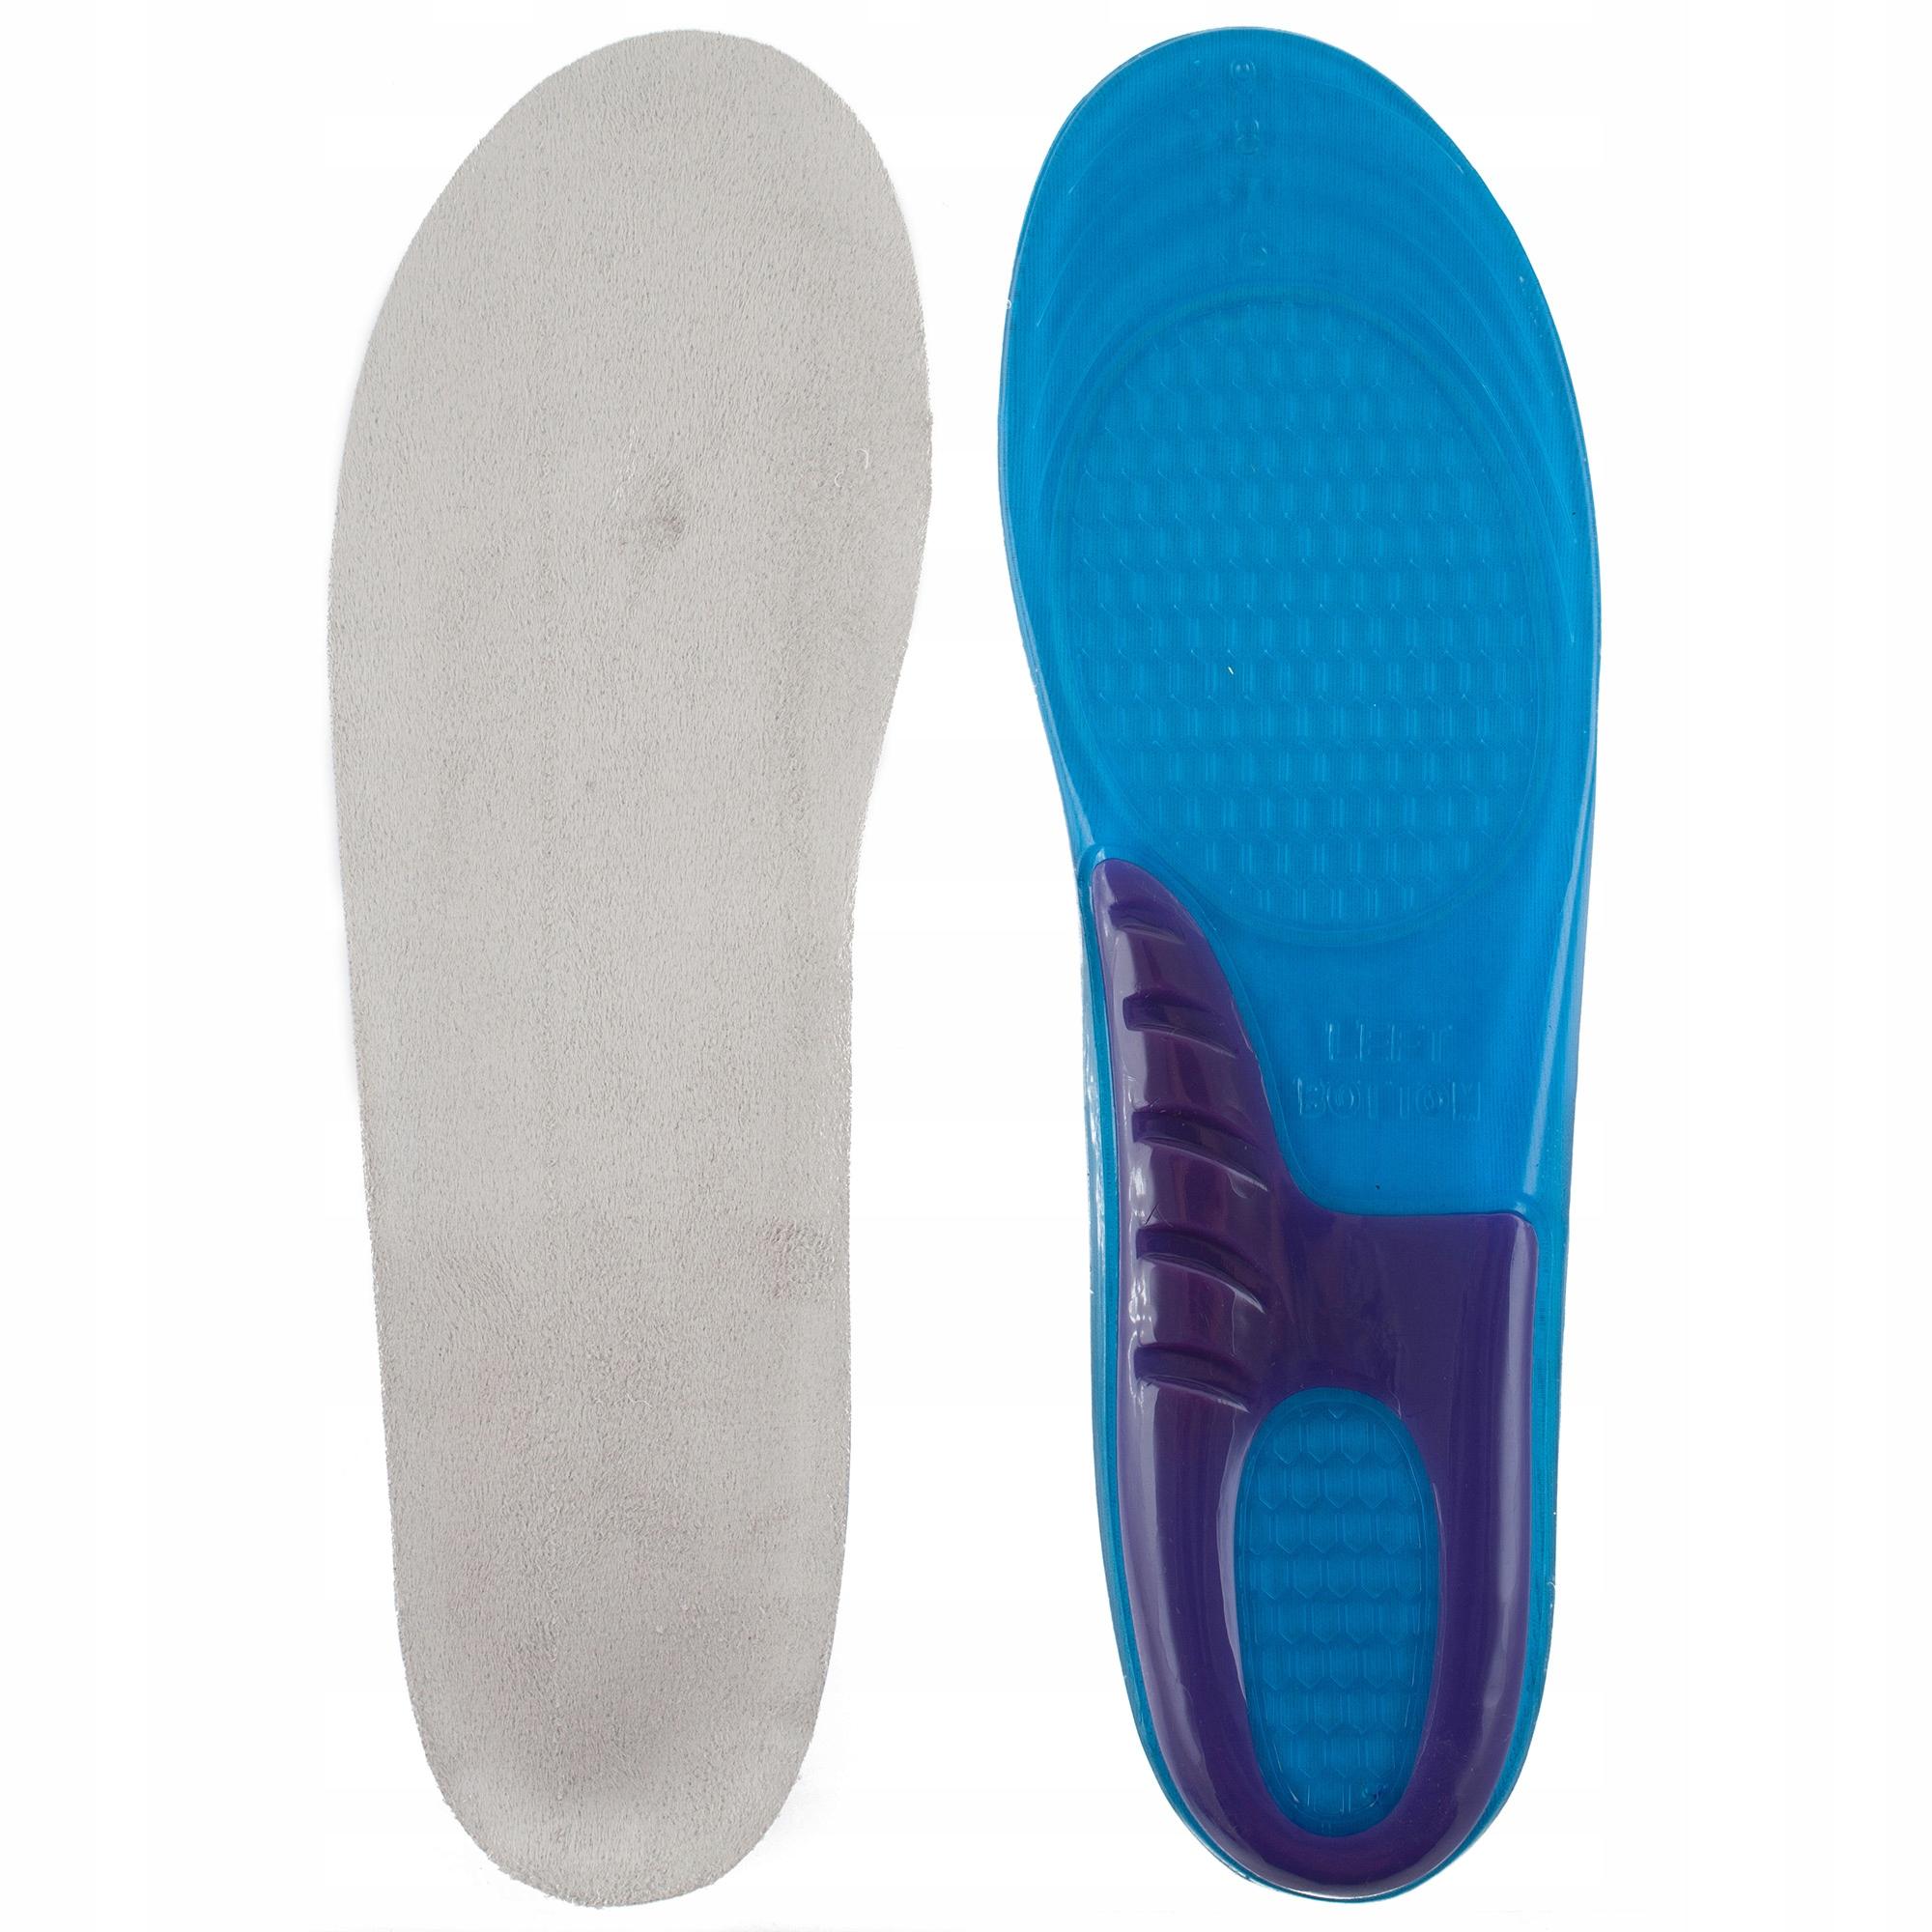 Żelowe wkładki do butów ortopedyczne na ostrogi